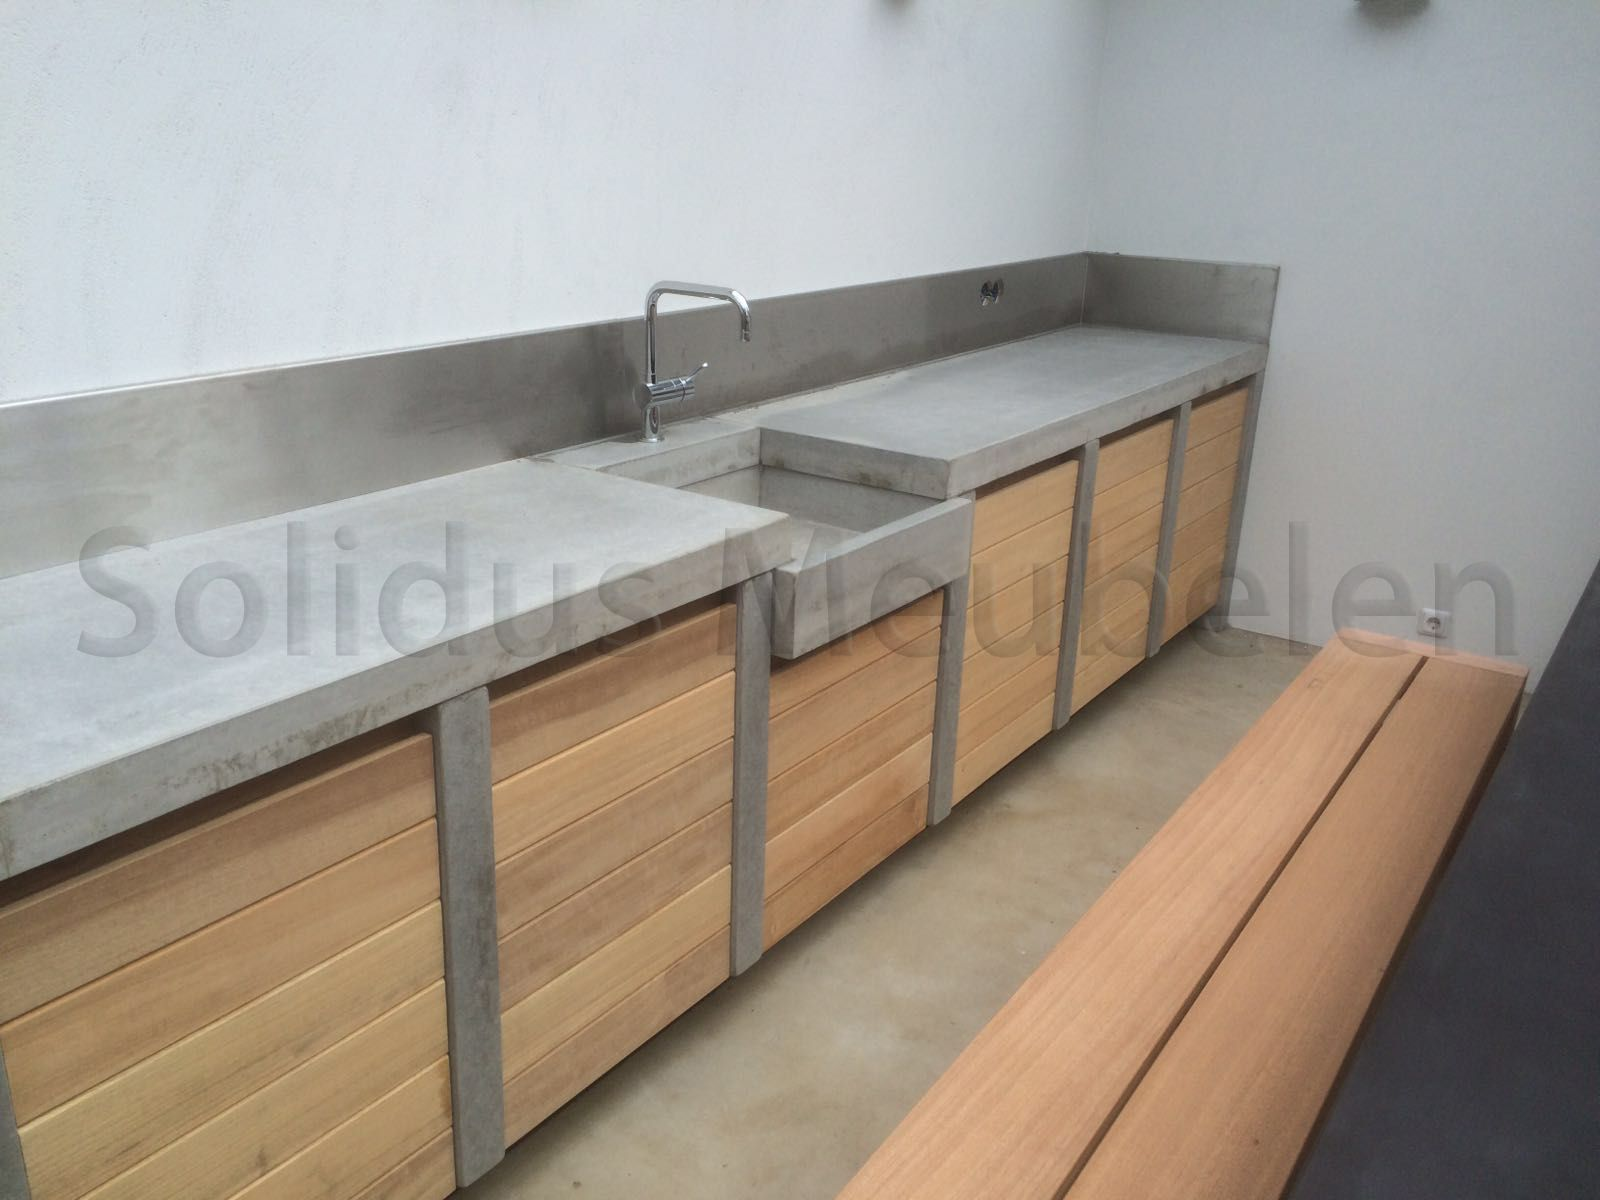 Weber Outdoor Küche Ytong : Op maat gemaakt buitenkeuken van hout en beton the deck